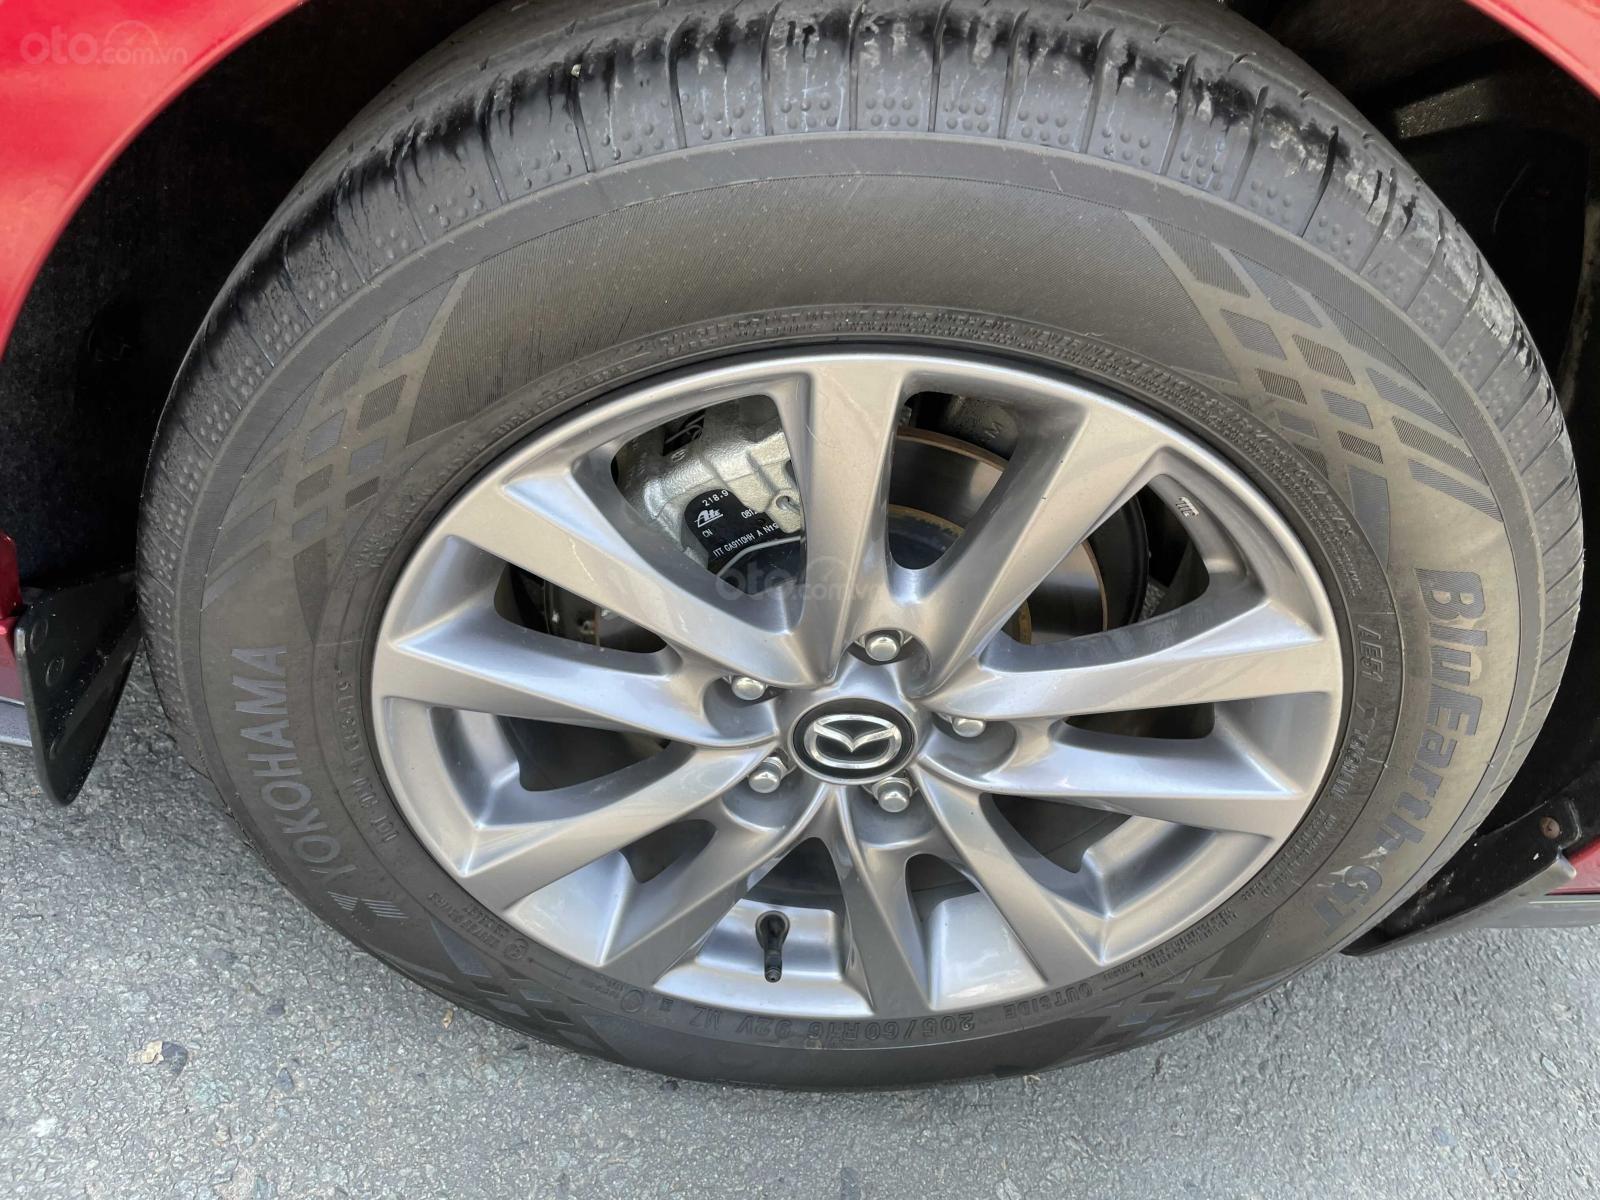 Bán ô tô Mazda 3 đời 2020, màu đỏ còn mới giá tốt 722 triệu đồng (14)